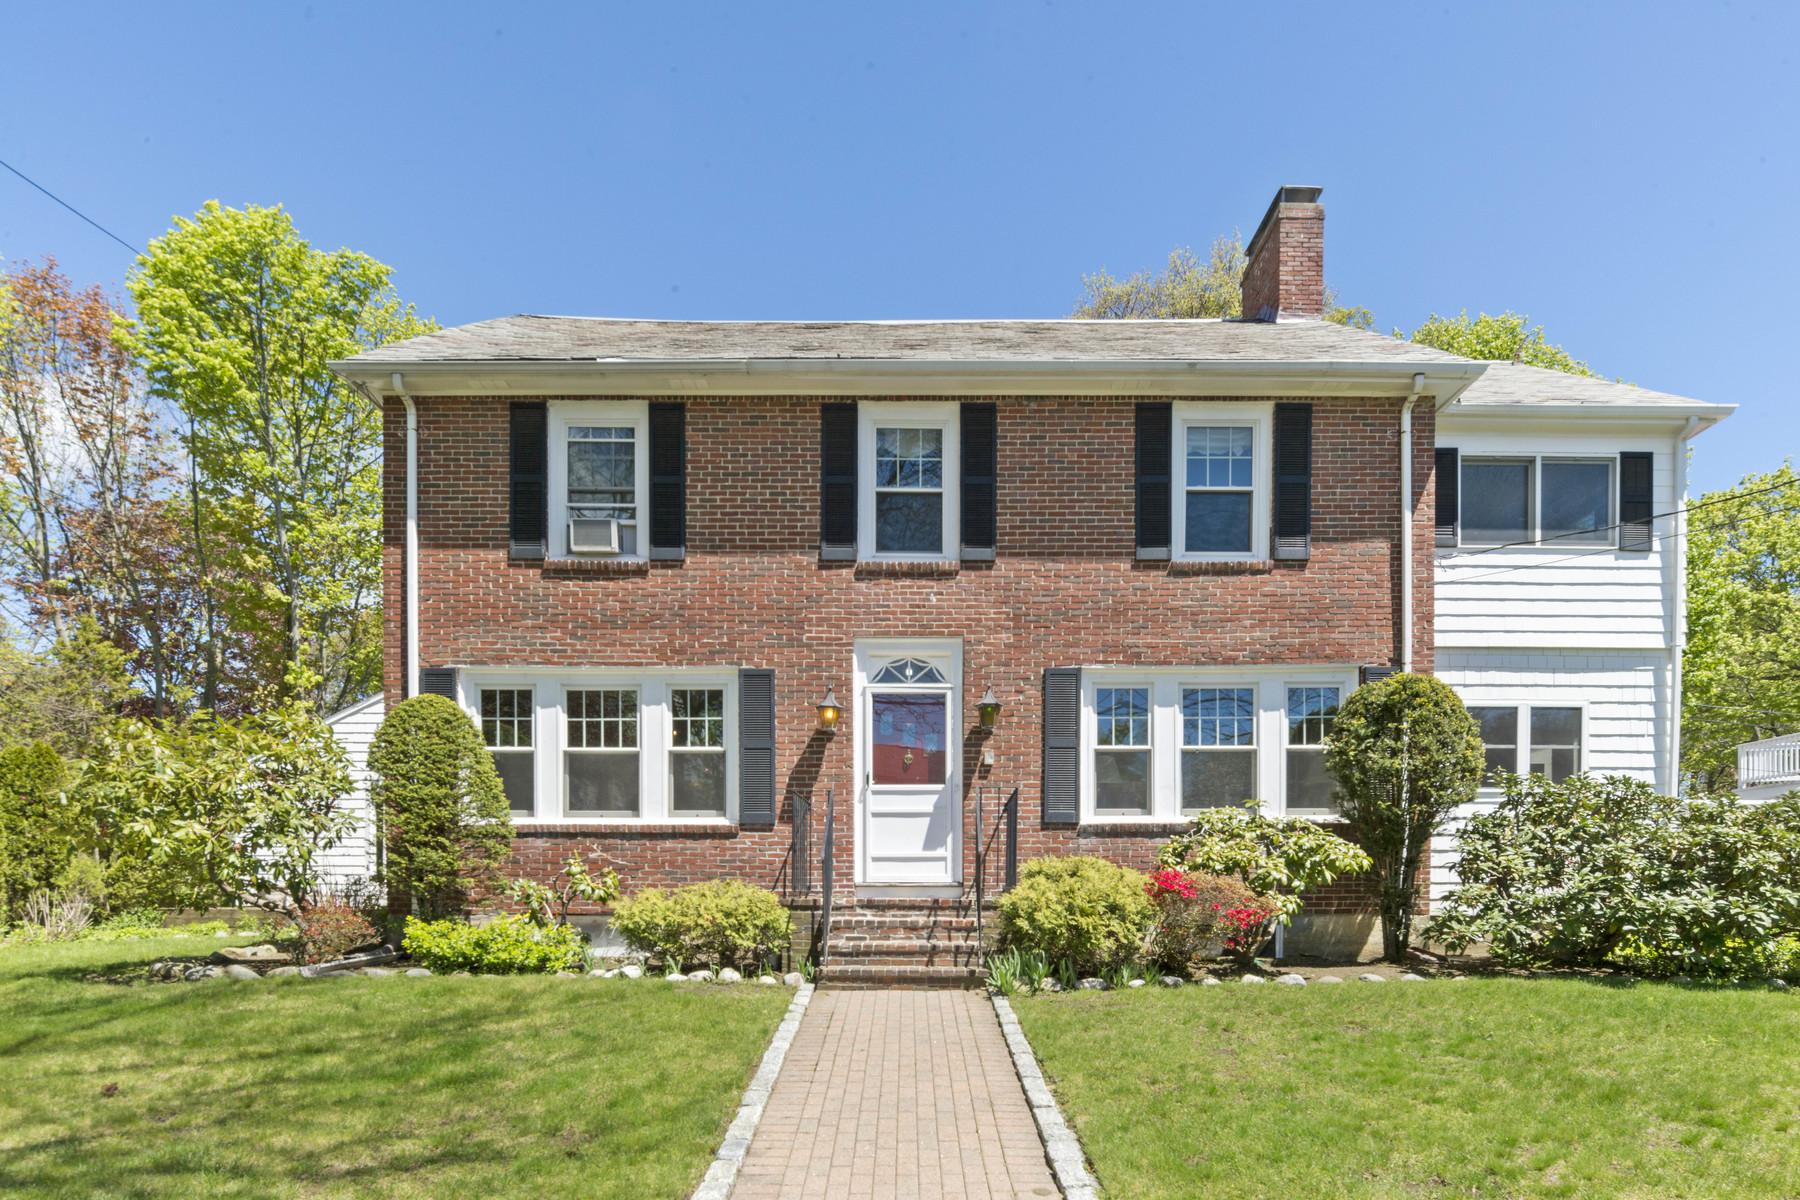 Maison unifamiliale pour l Vente à A true family home 8 Preston Beach Rd Marblehead, Massachusetts, 01945 États-Unis